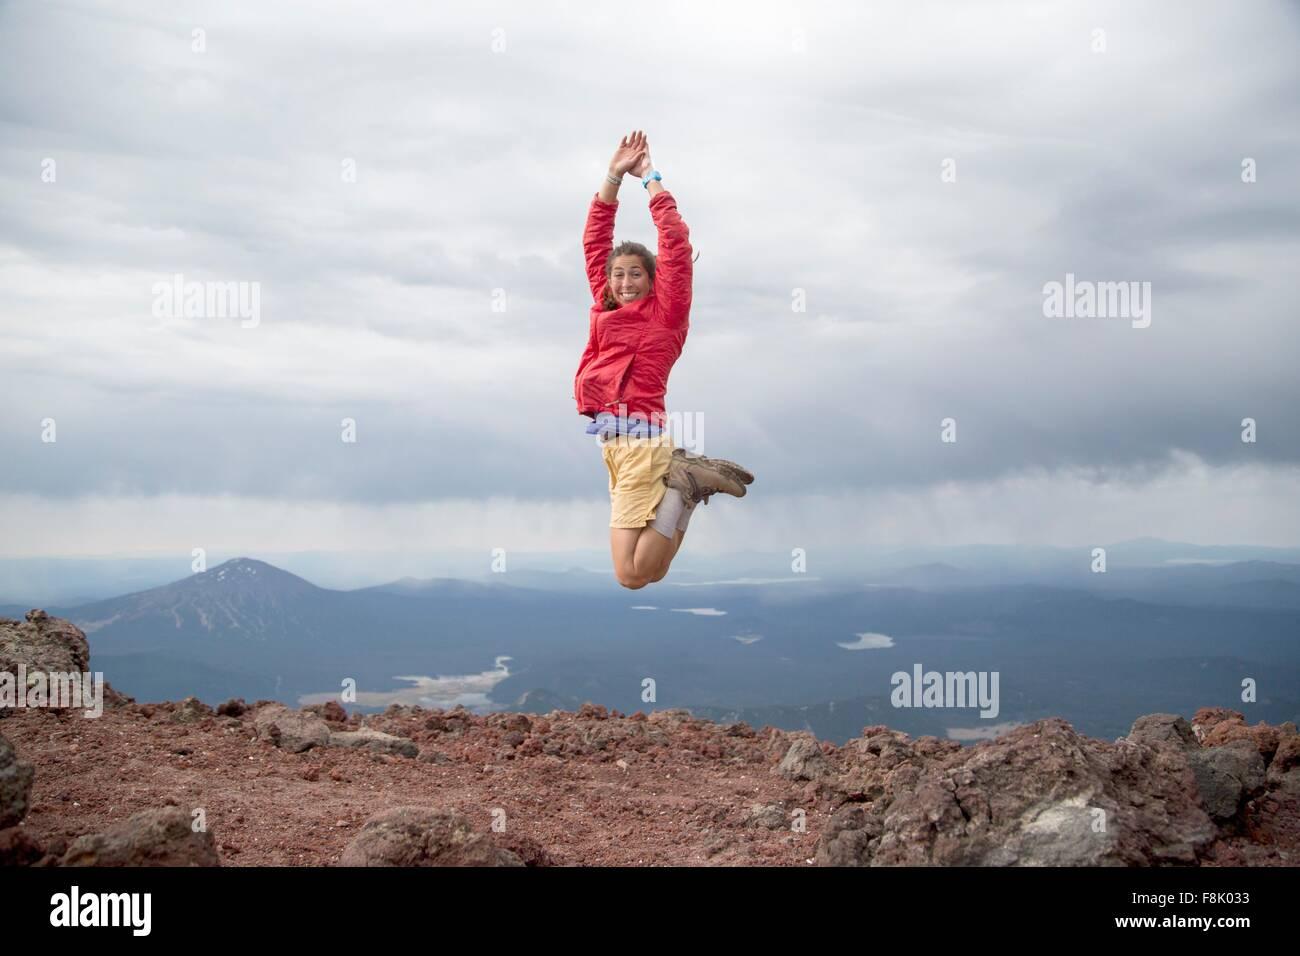 Giovane donna salti di gioia al vertice del Sud Suor vulcano, piegare, Oregon, Stati Uniti d'America Immagini Stock